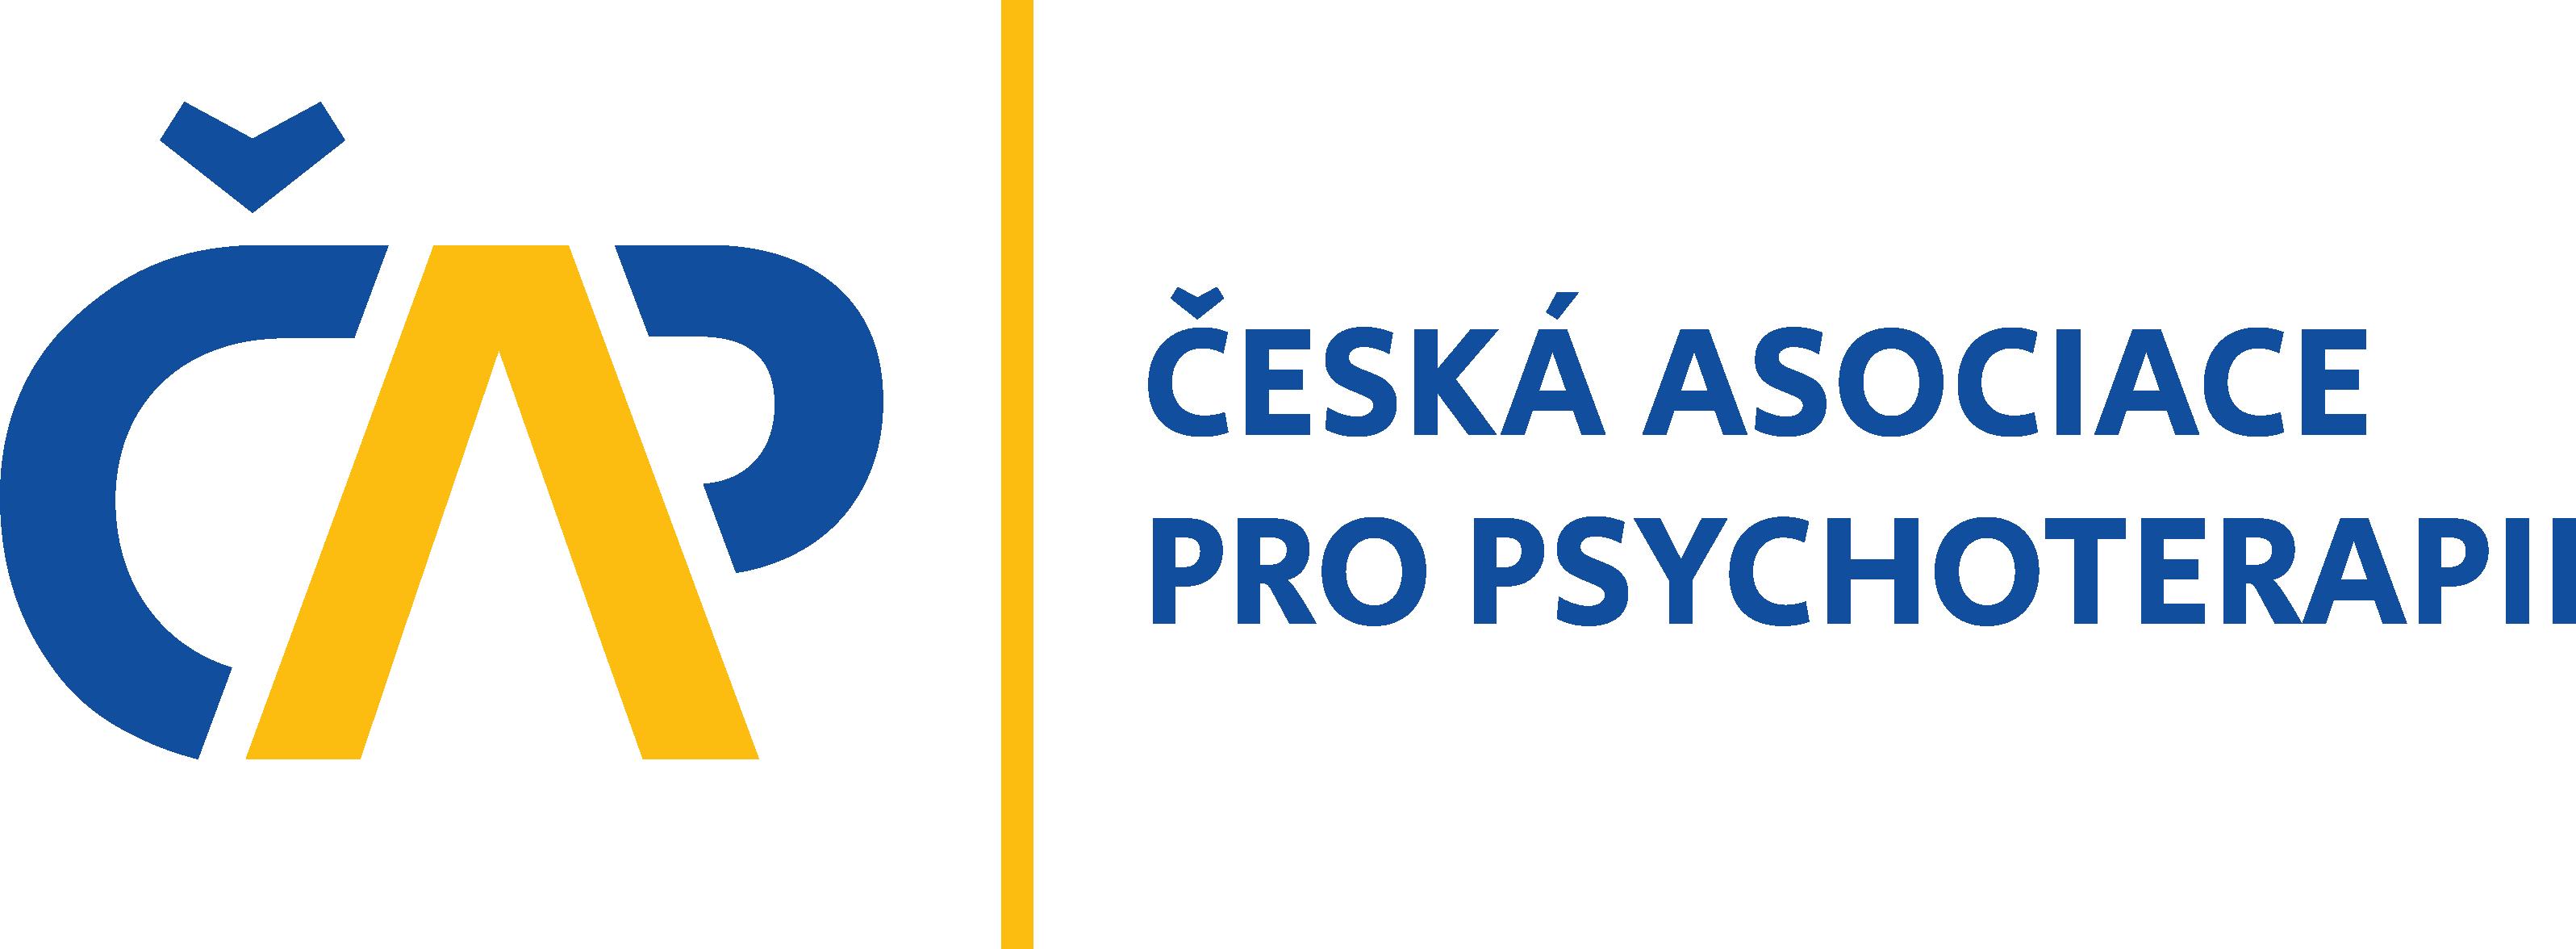 Česká asociace pro psychoterapii